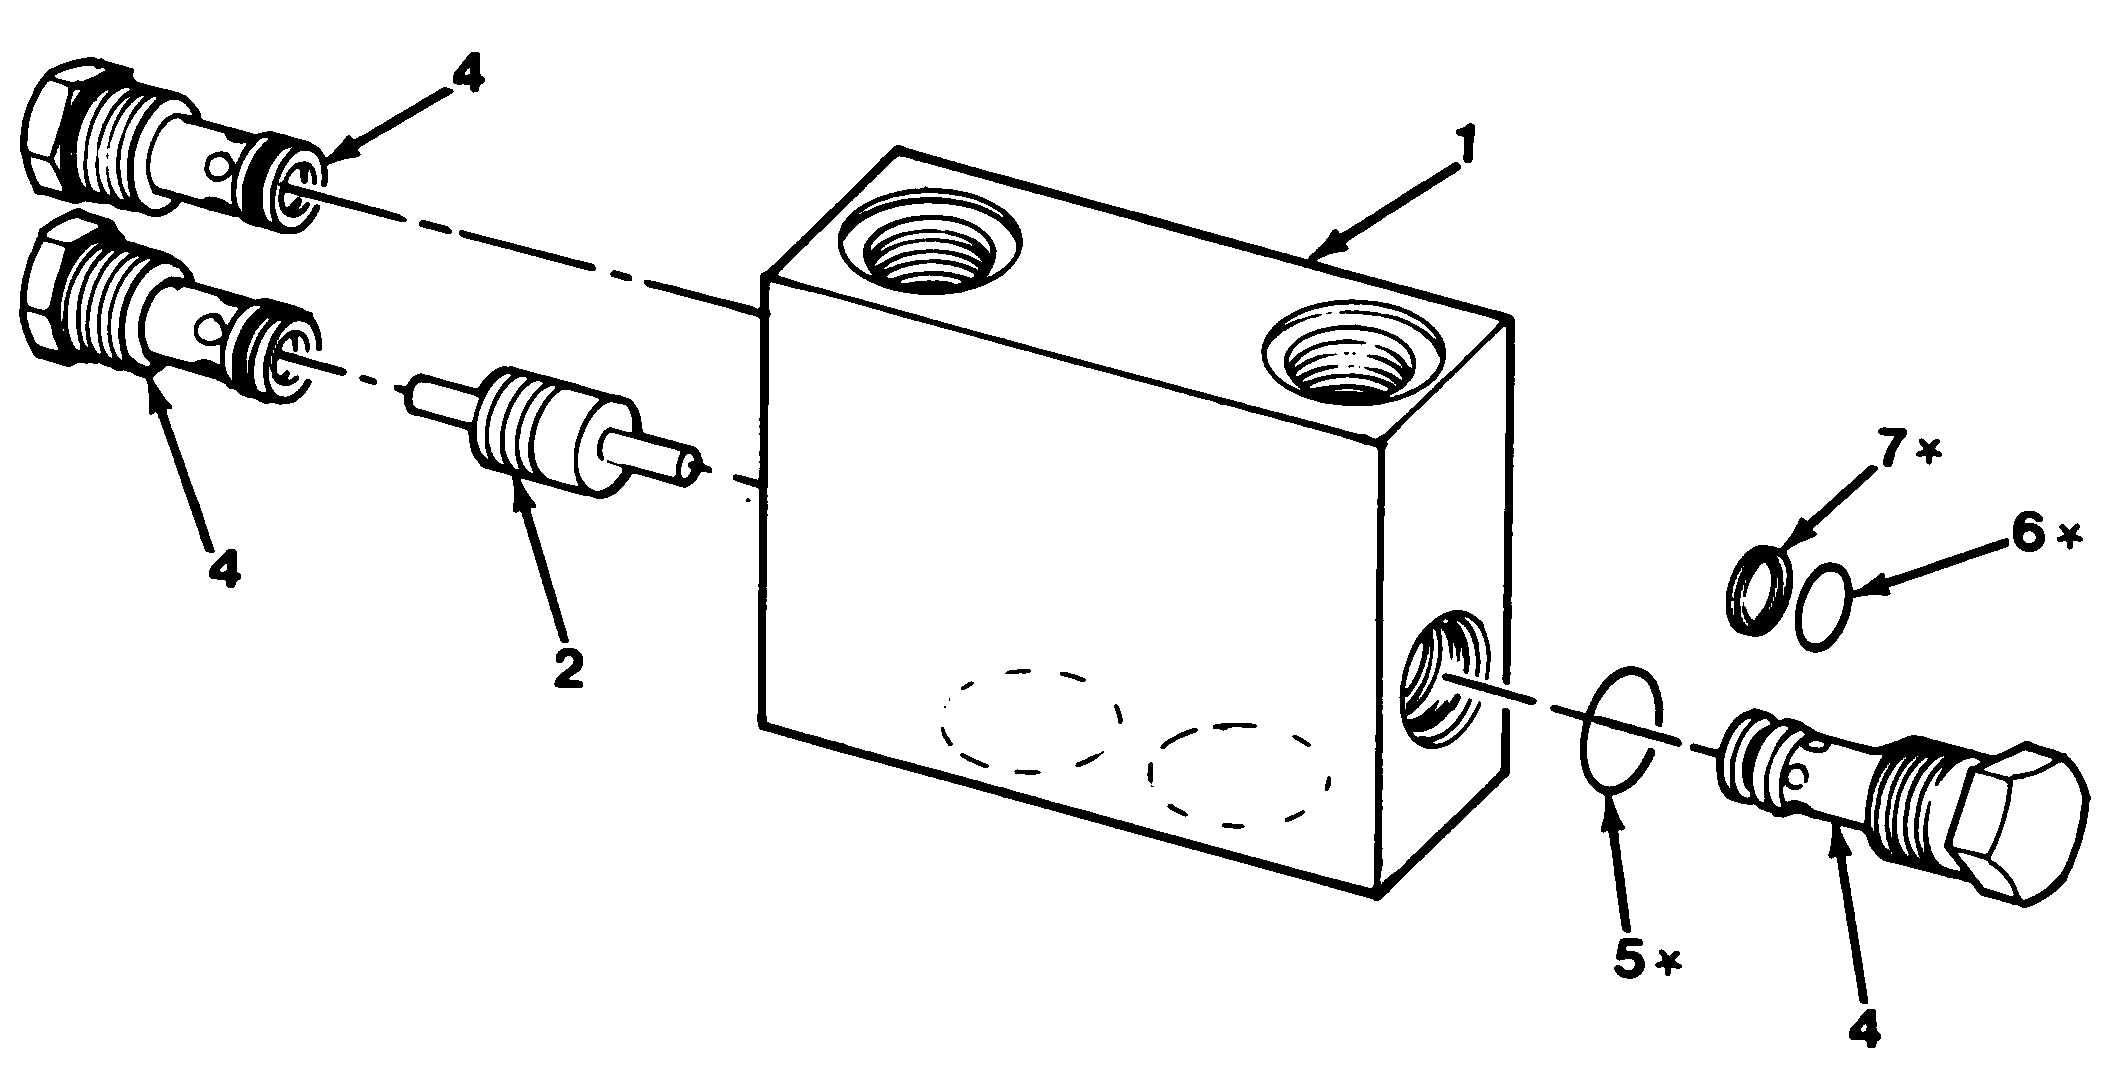 Figure 1026. Steering Valve Fittings